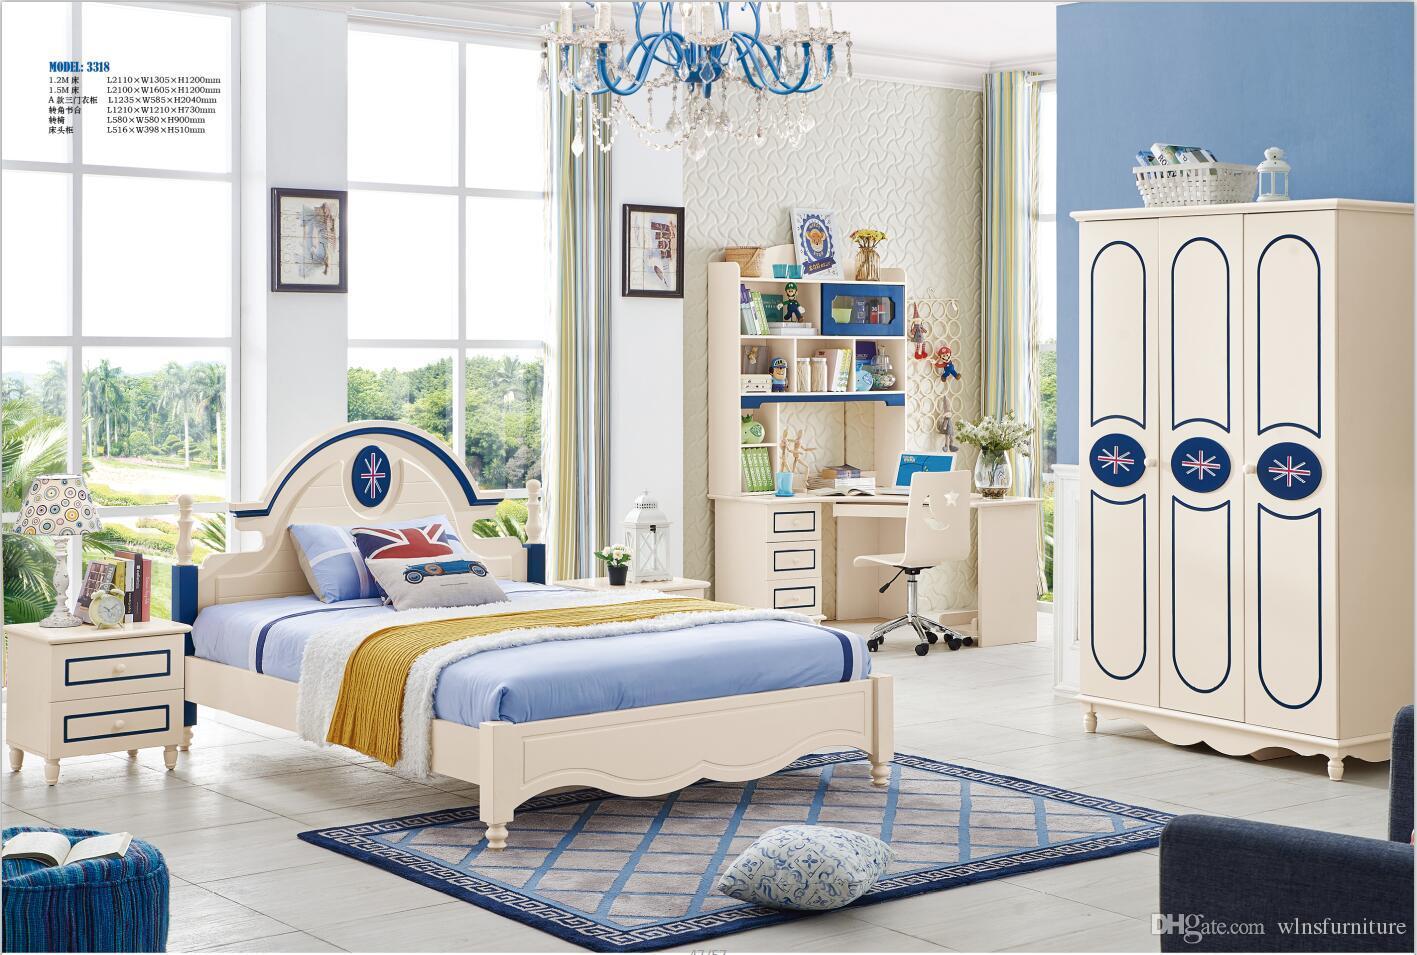 2019 Ash Solid Wood Children Bedroom Furniture Set Modern Fashion Children  Bed Wardrobe Desk Bedside Table From Wlnsfurniture, $1044.23 | DHgate.Com